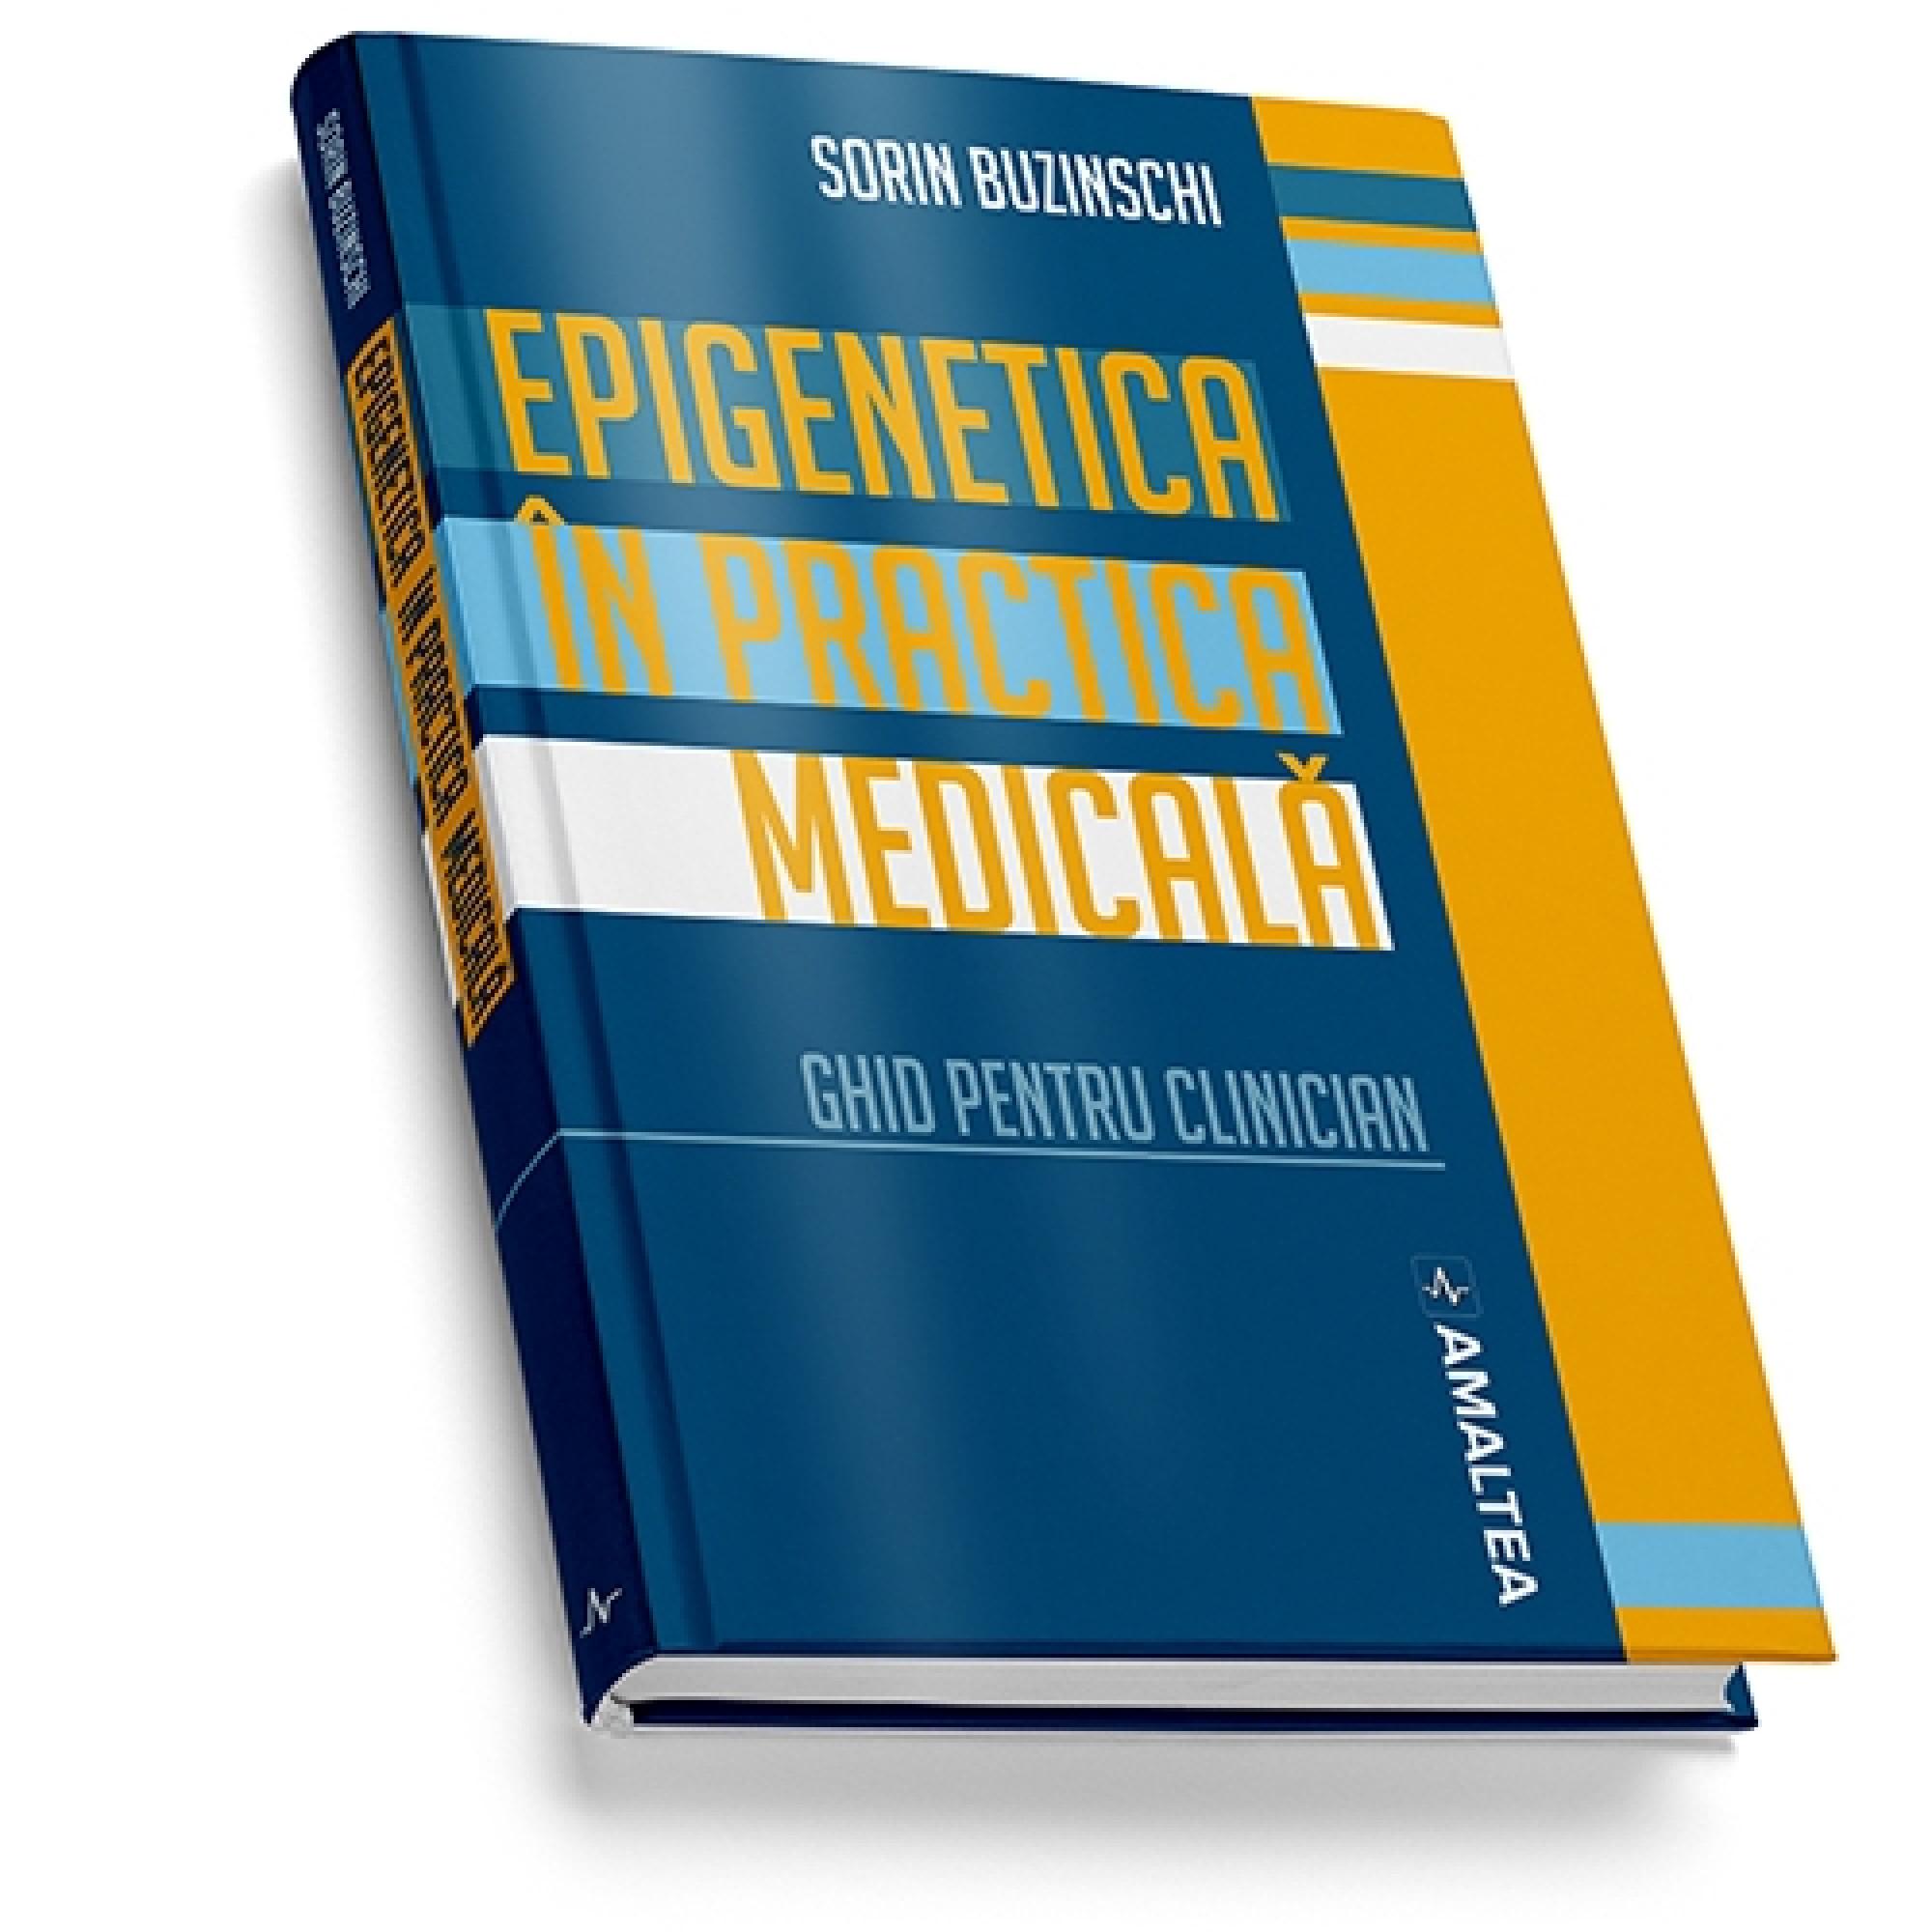 Epigenetica în practica medicală (hardcover); Sorin Buzinschi